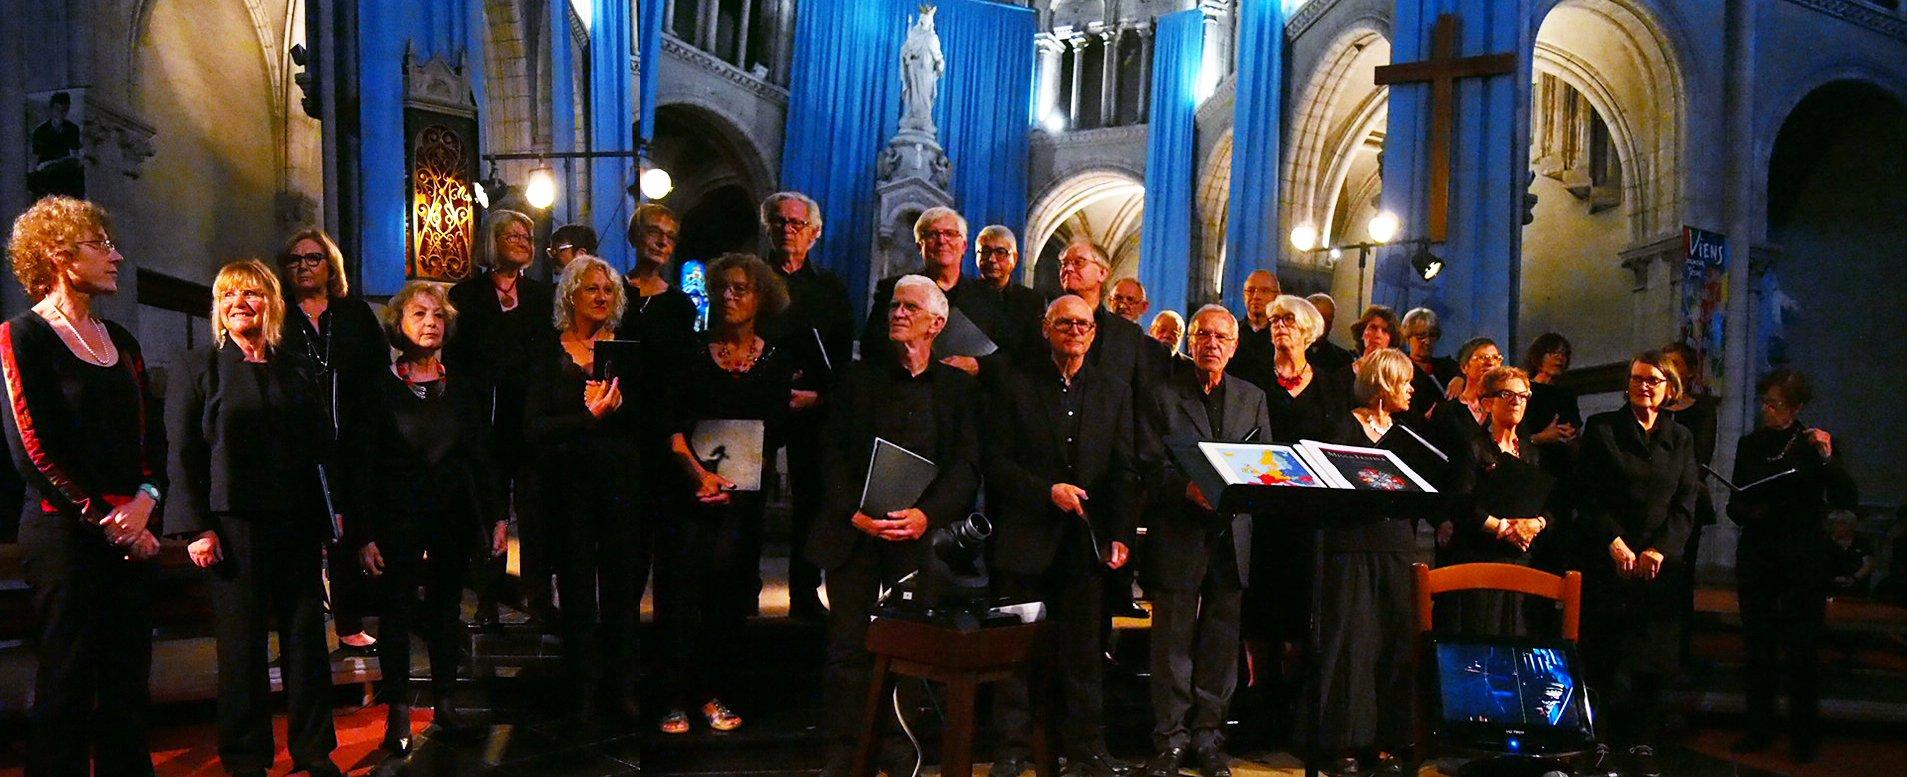 Chorale Cysoing en Chœur  - Vendredi 15 juin 2018 à Arras - Eglise Notre Dame des ardents